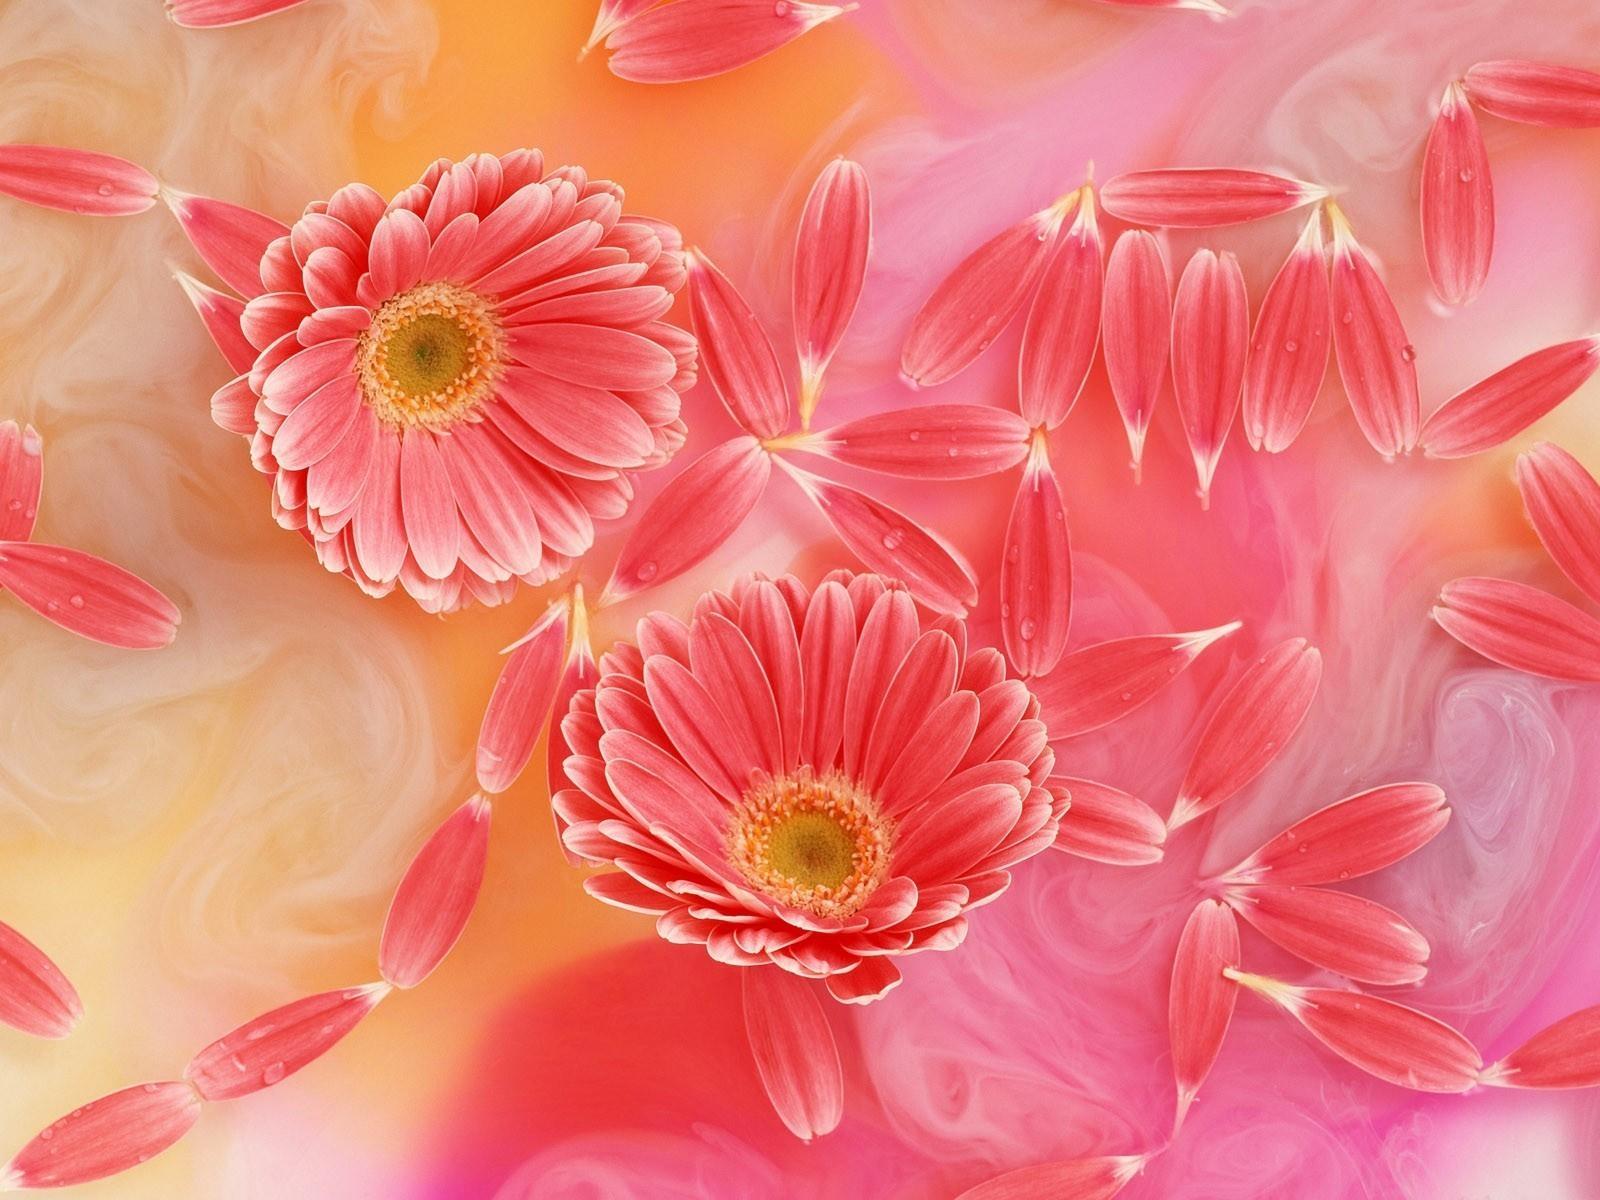 Рисунок цветы для поздравления с днем рождения, панно денежные своими